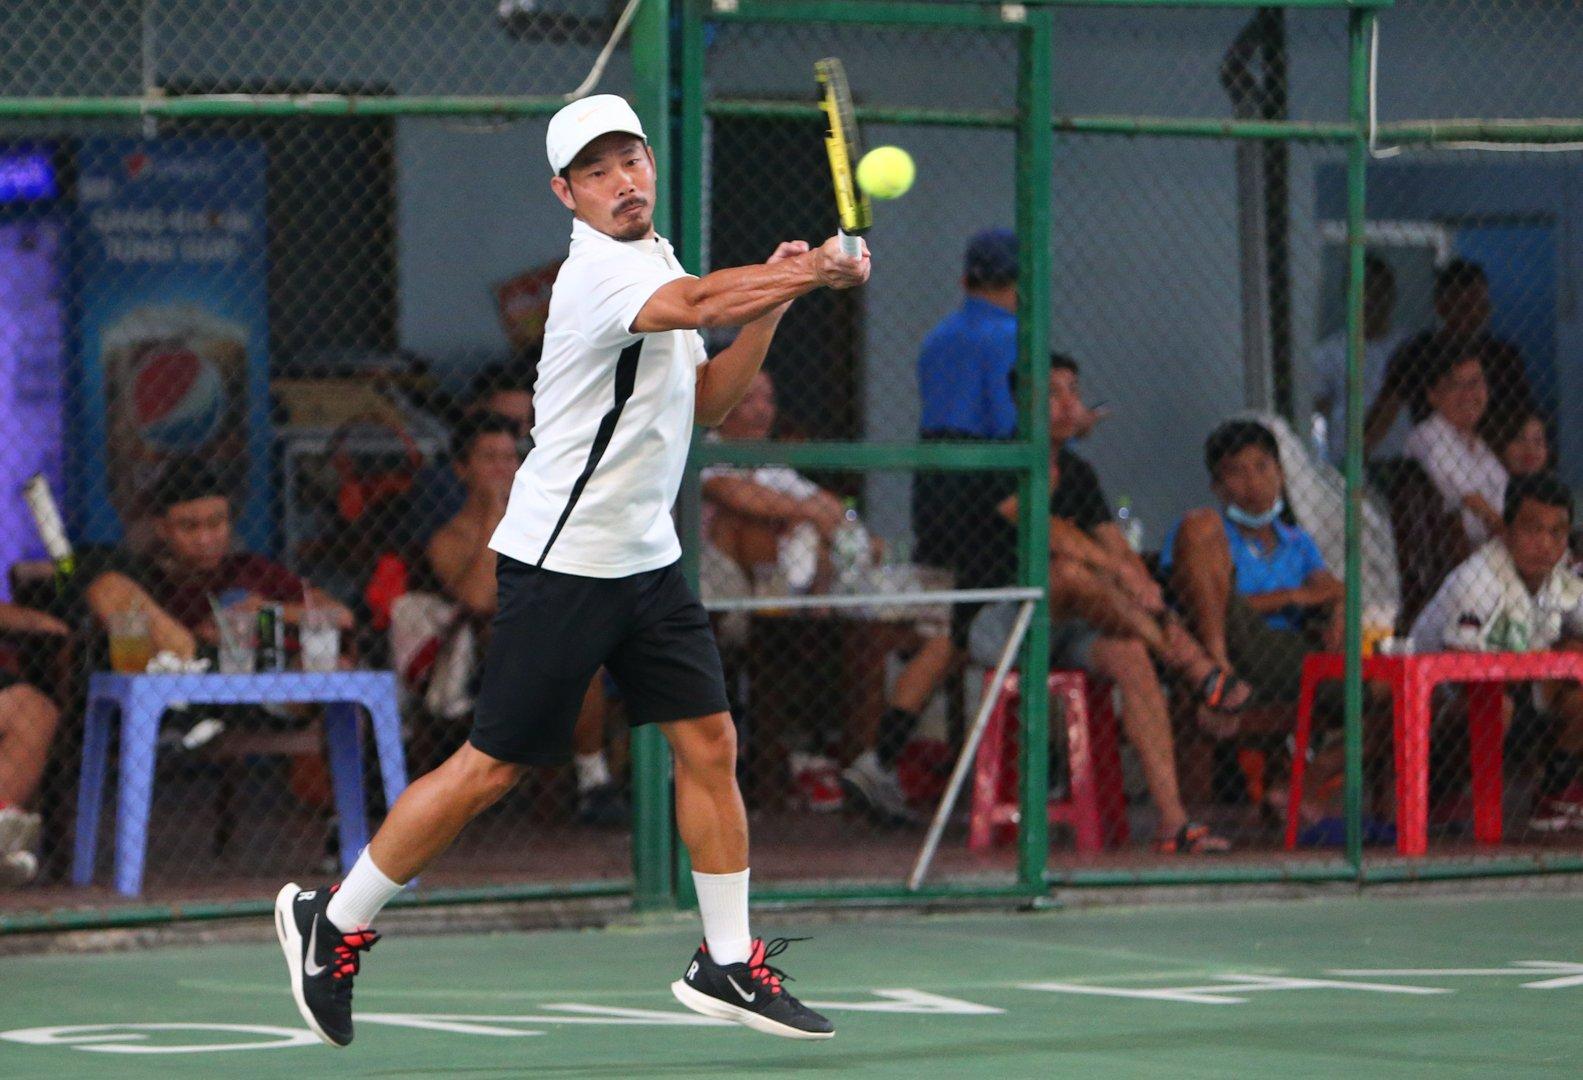 Hình ảnh: Ấm lòng giải quần vợt từ thiện nhân dịp Tết Nguyên Đán 2021 – Tranh Cúp TTQ số 2